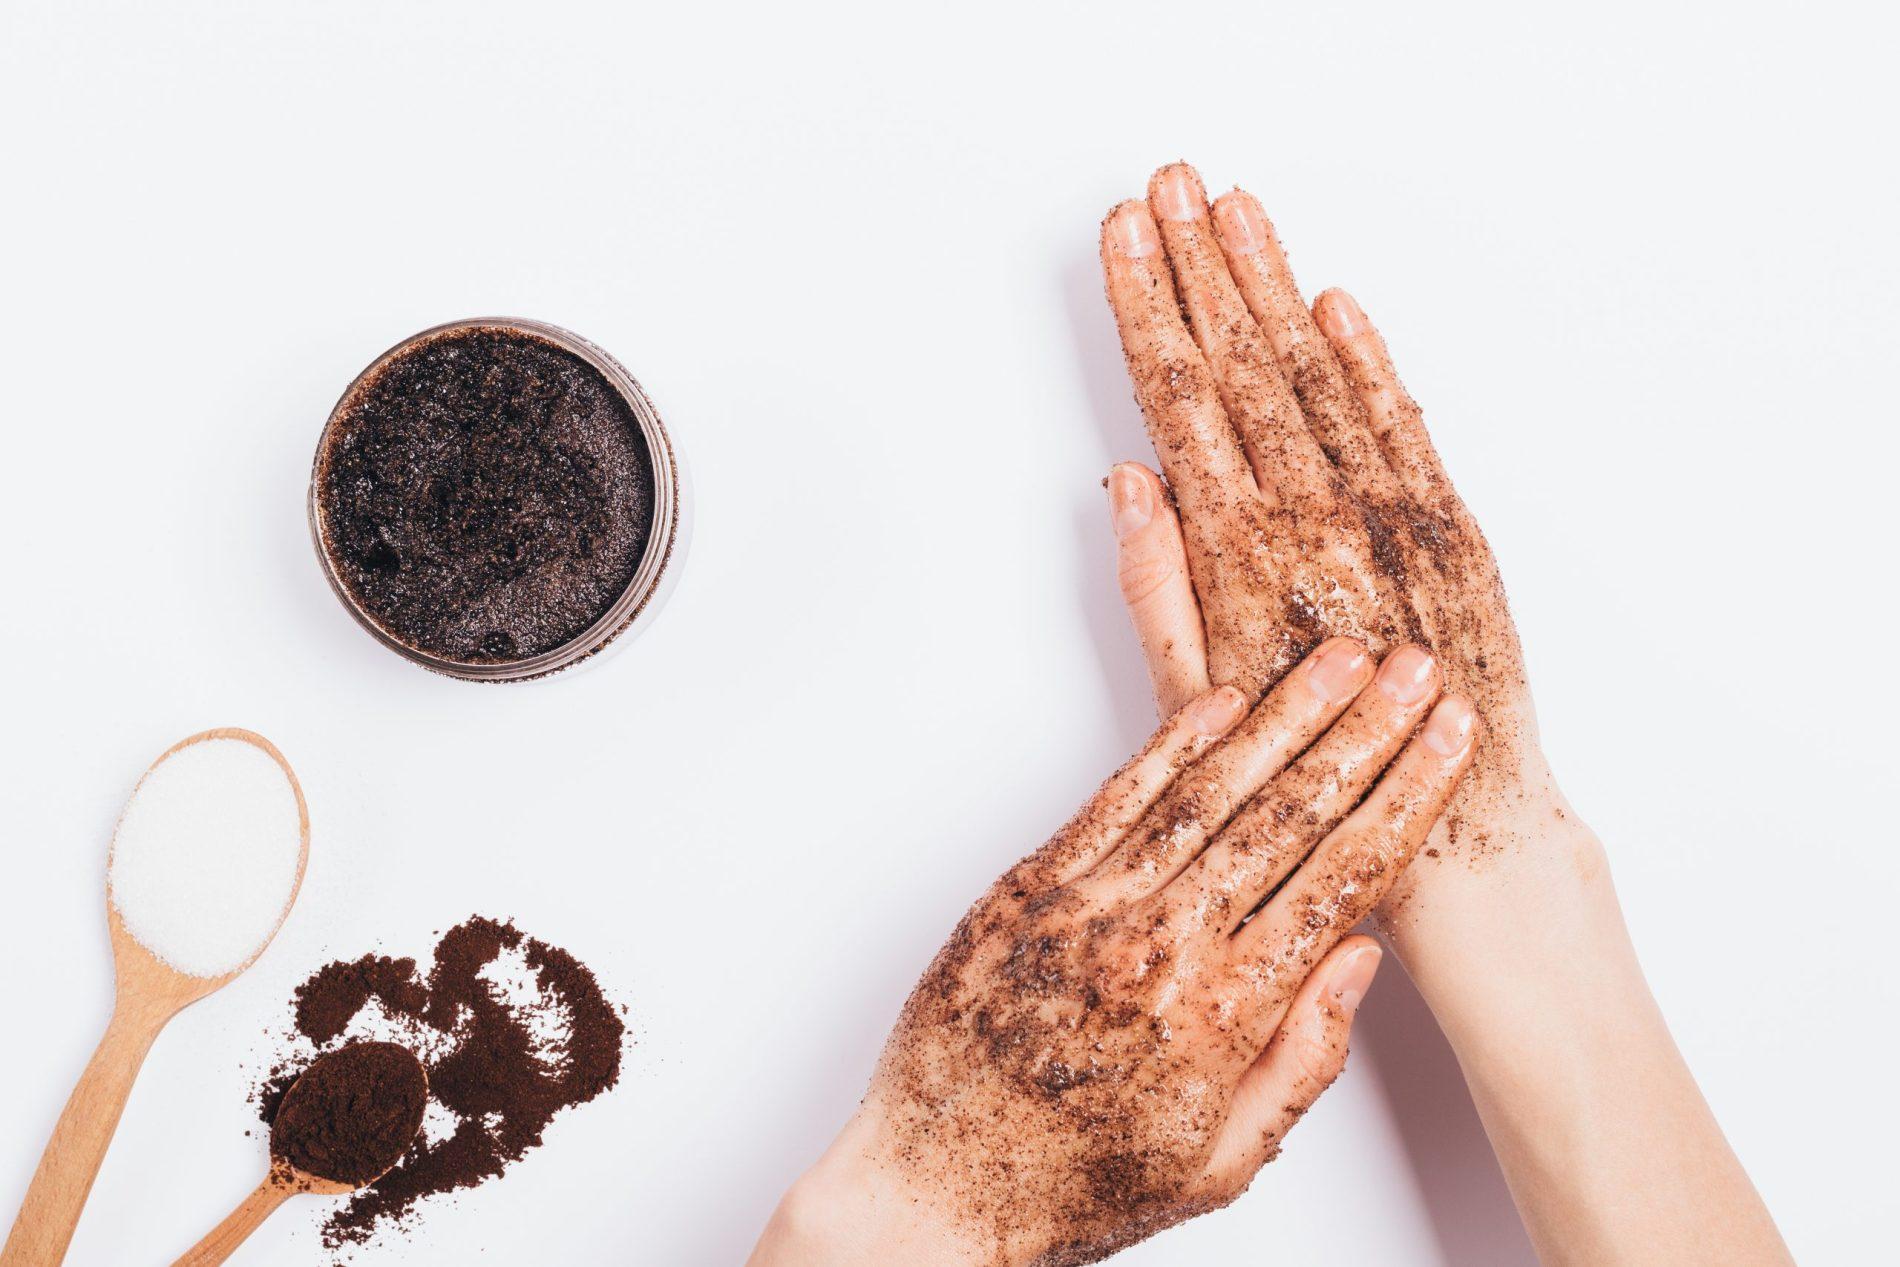 DIY Coffee Body Scrub with Sugar and Coconut Oil